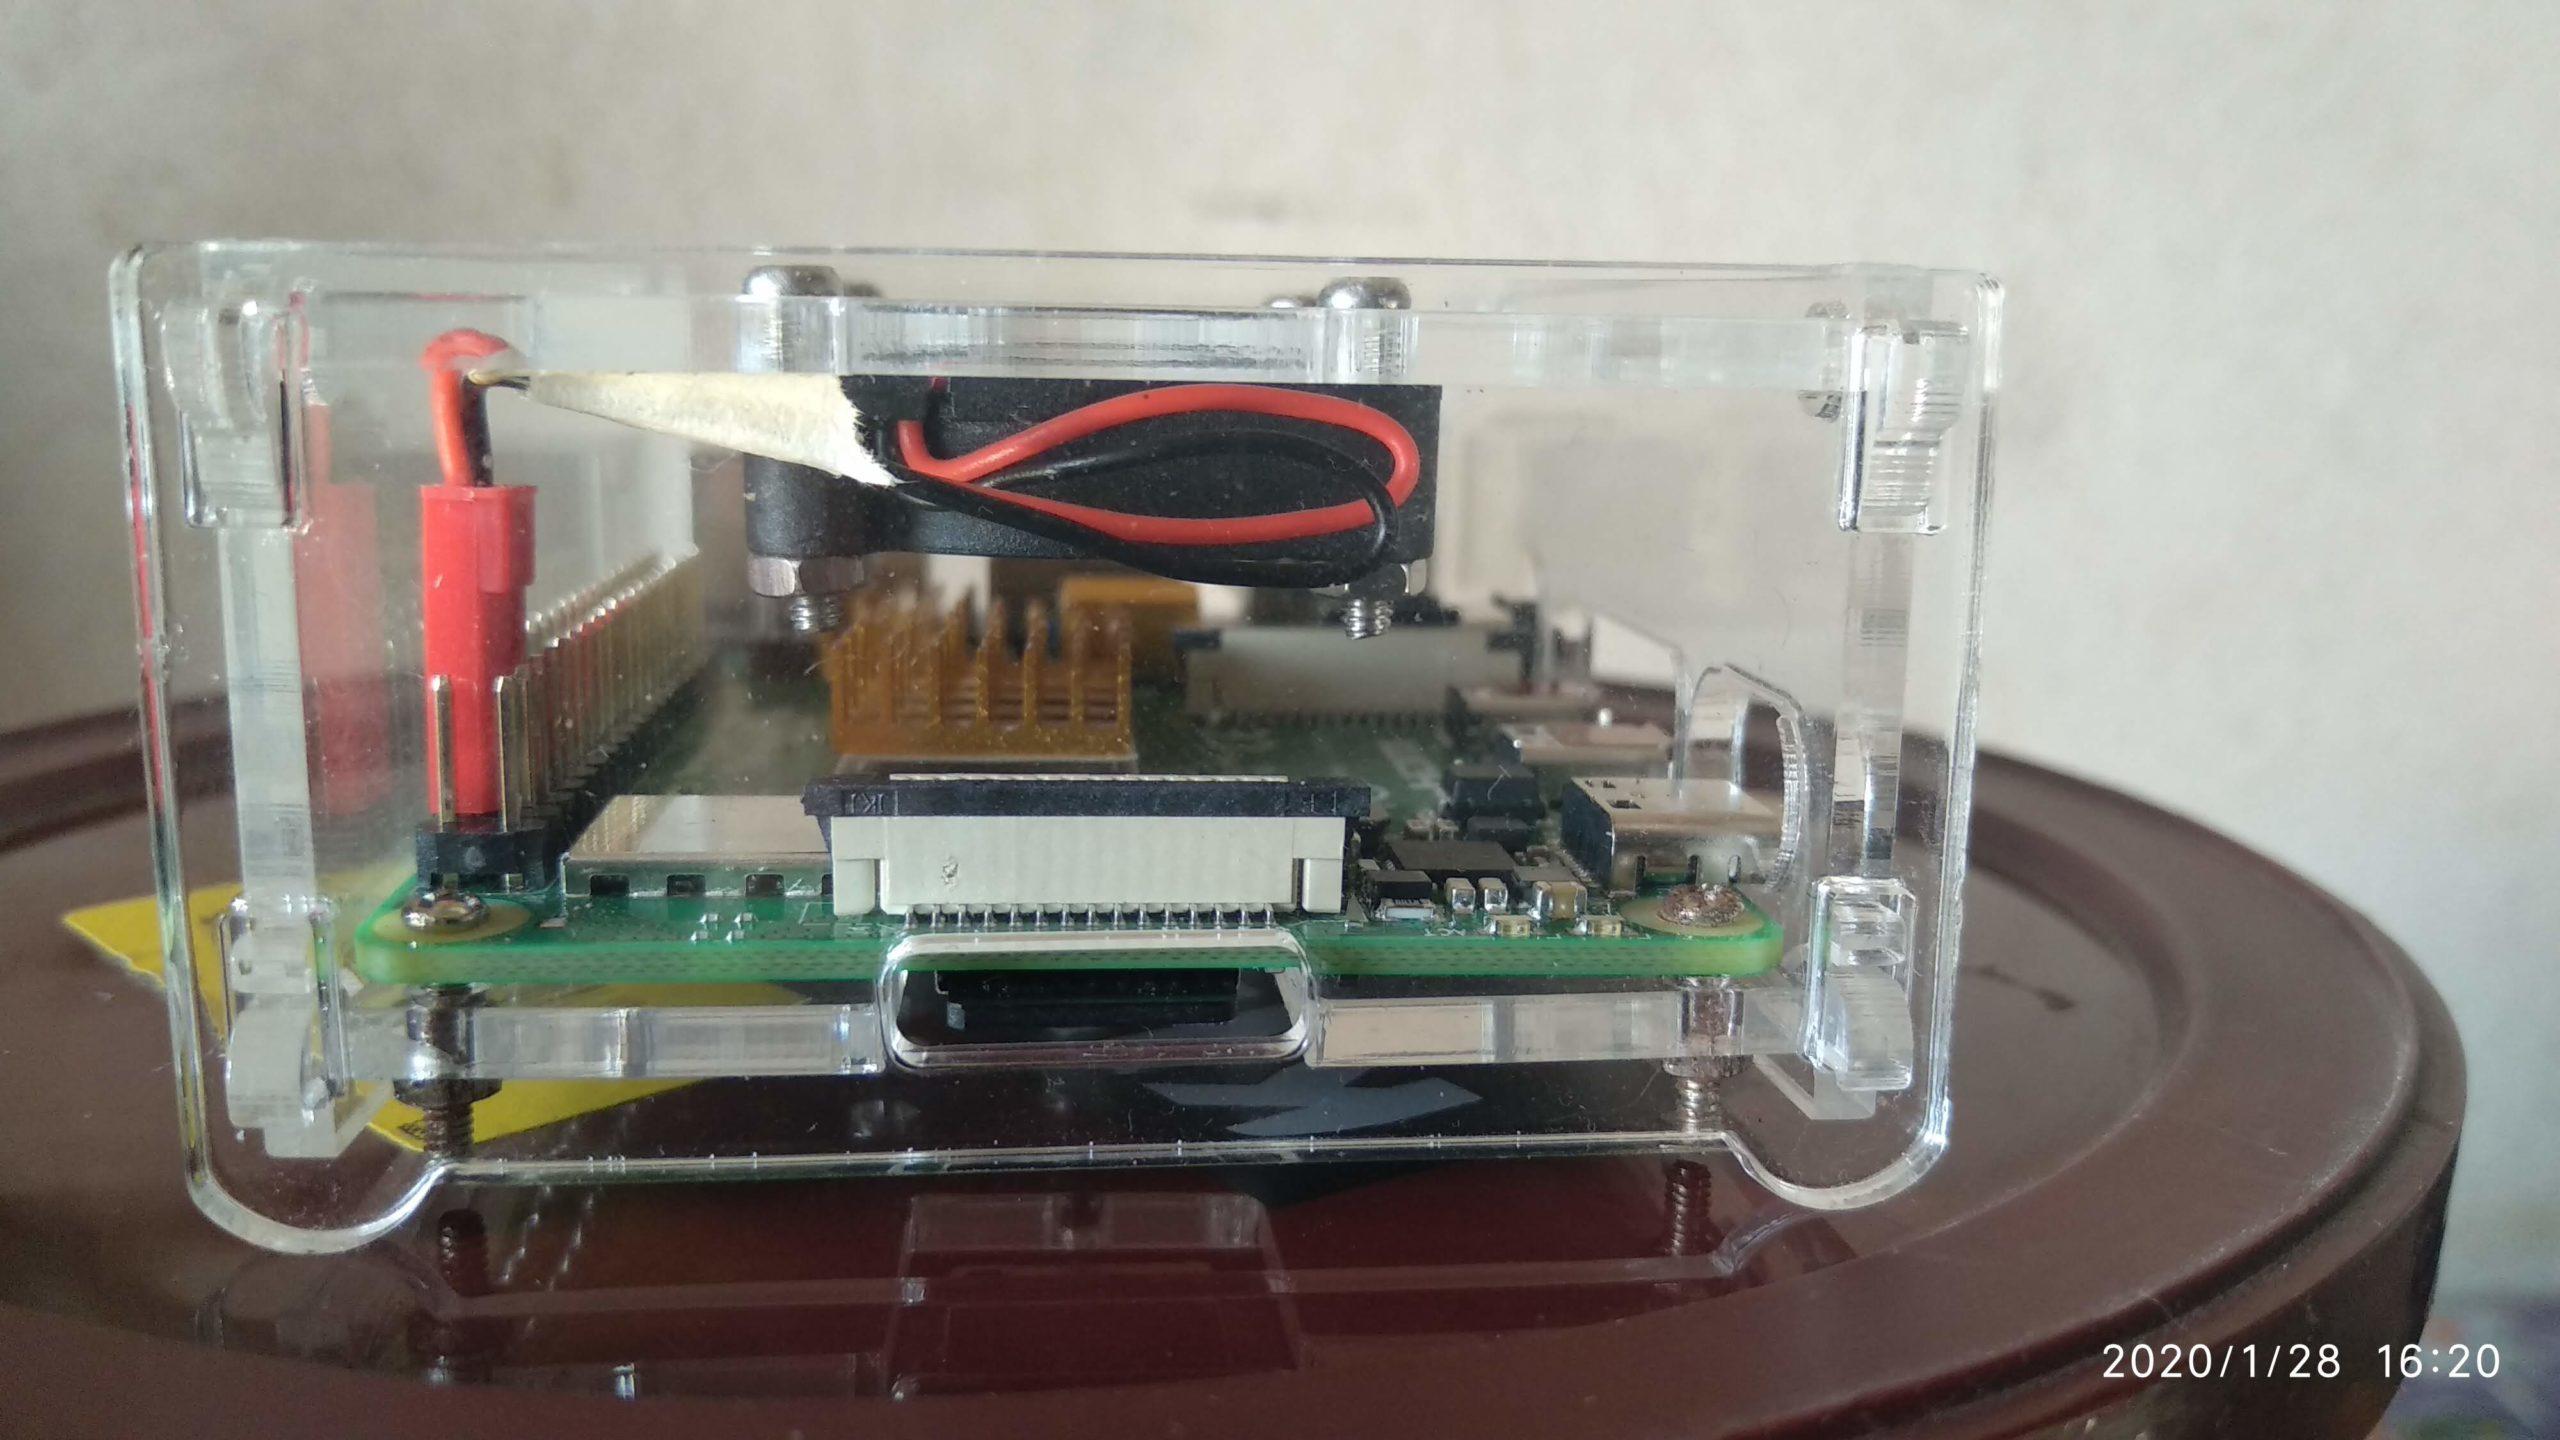 Lado frontal de Raspberry pi 4 - SD